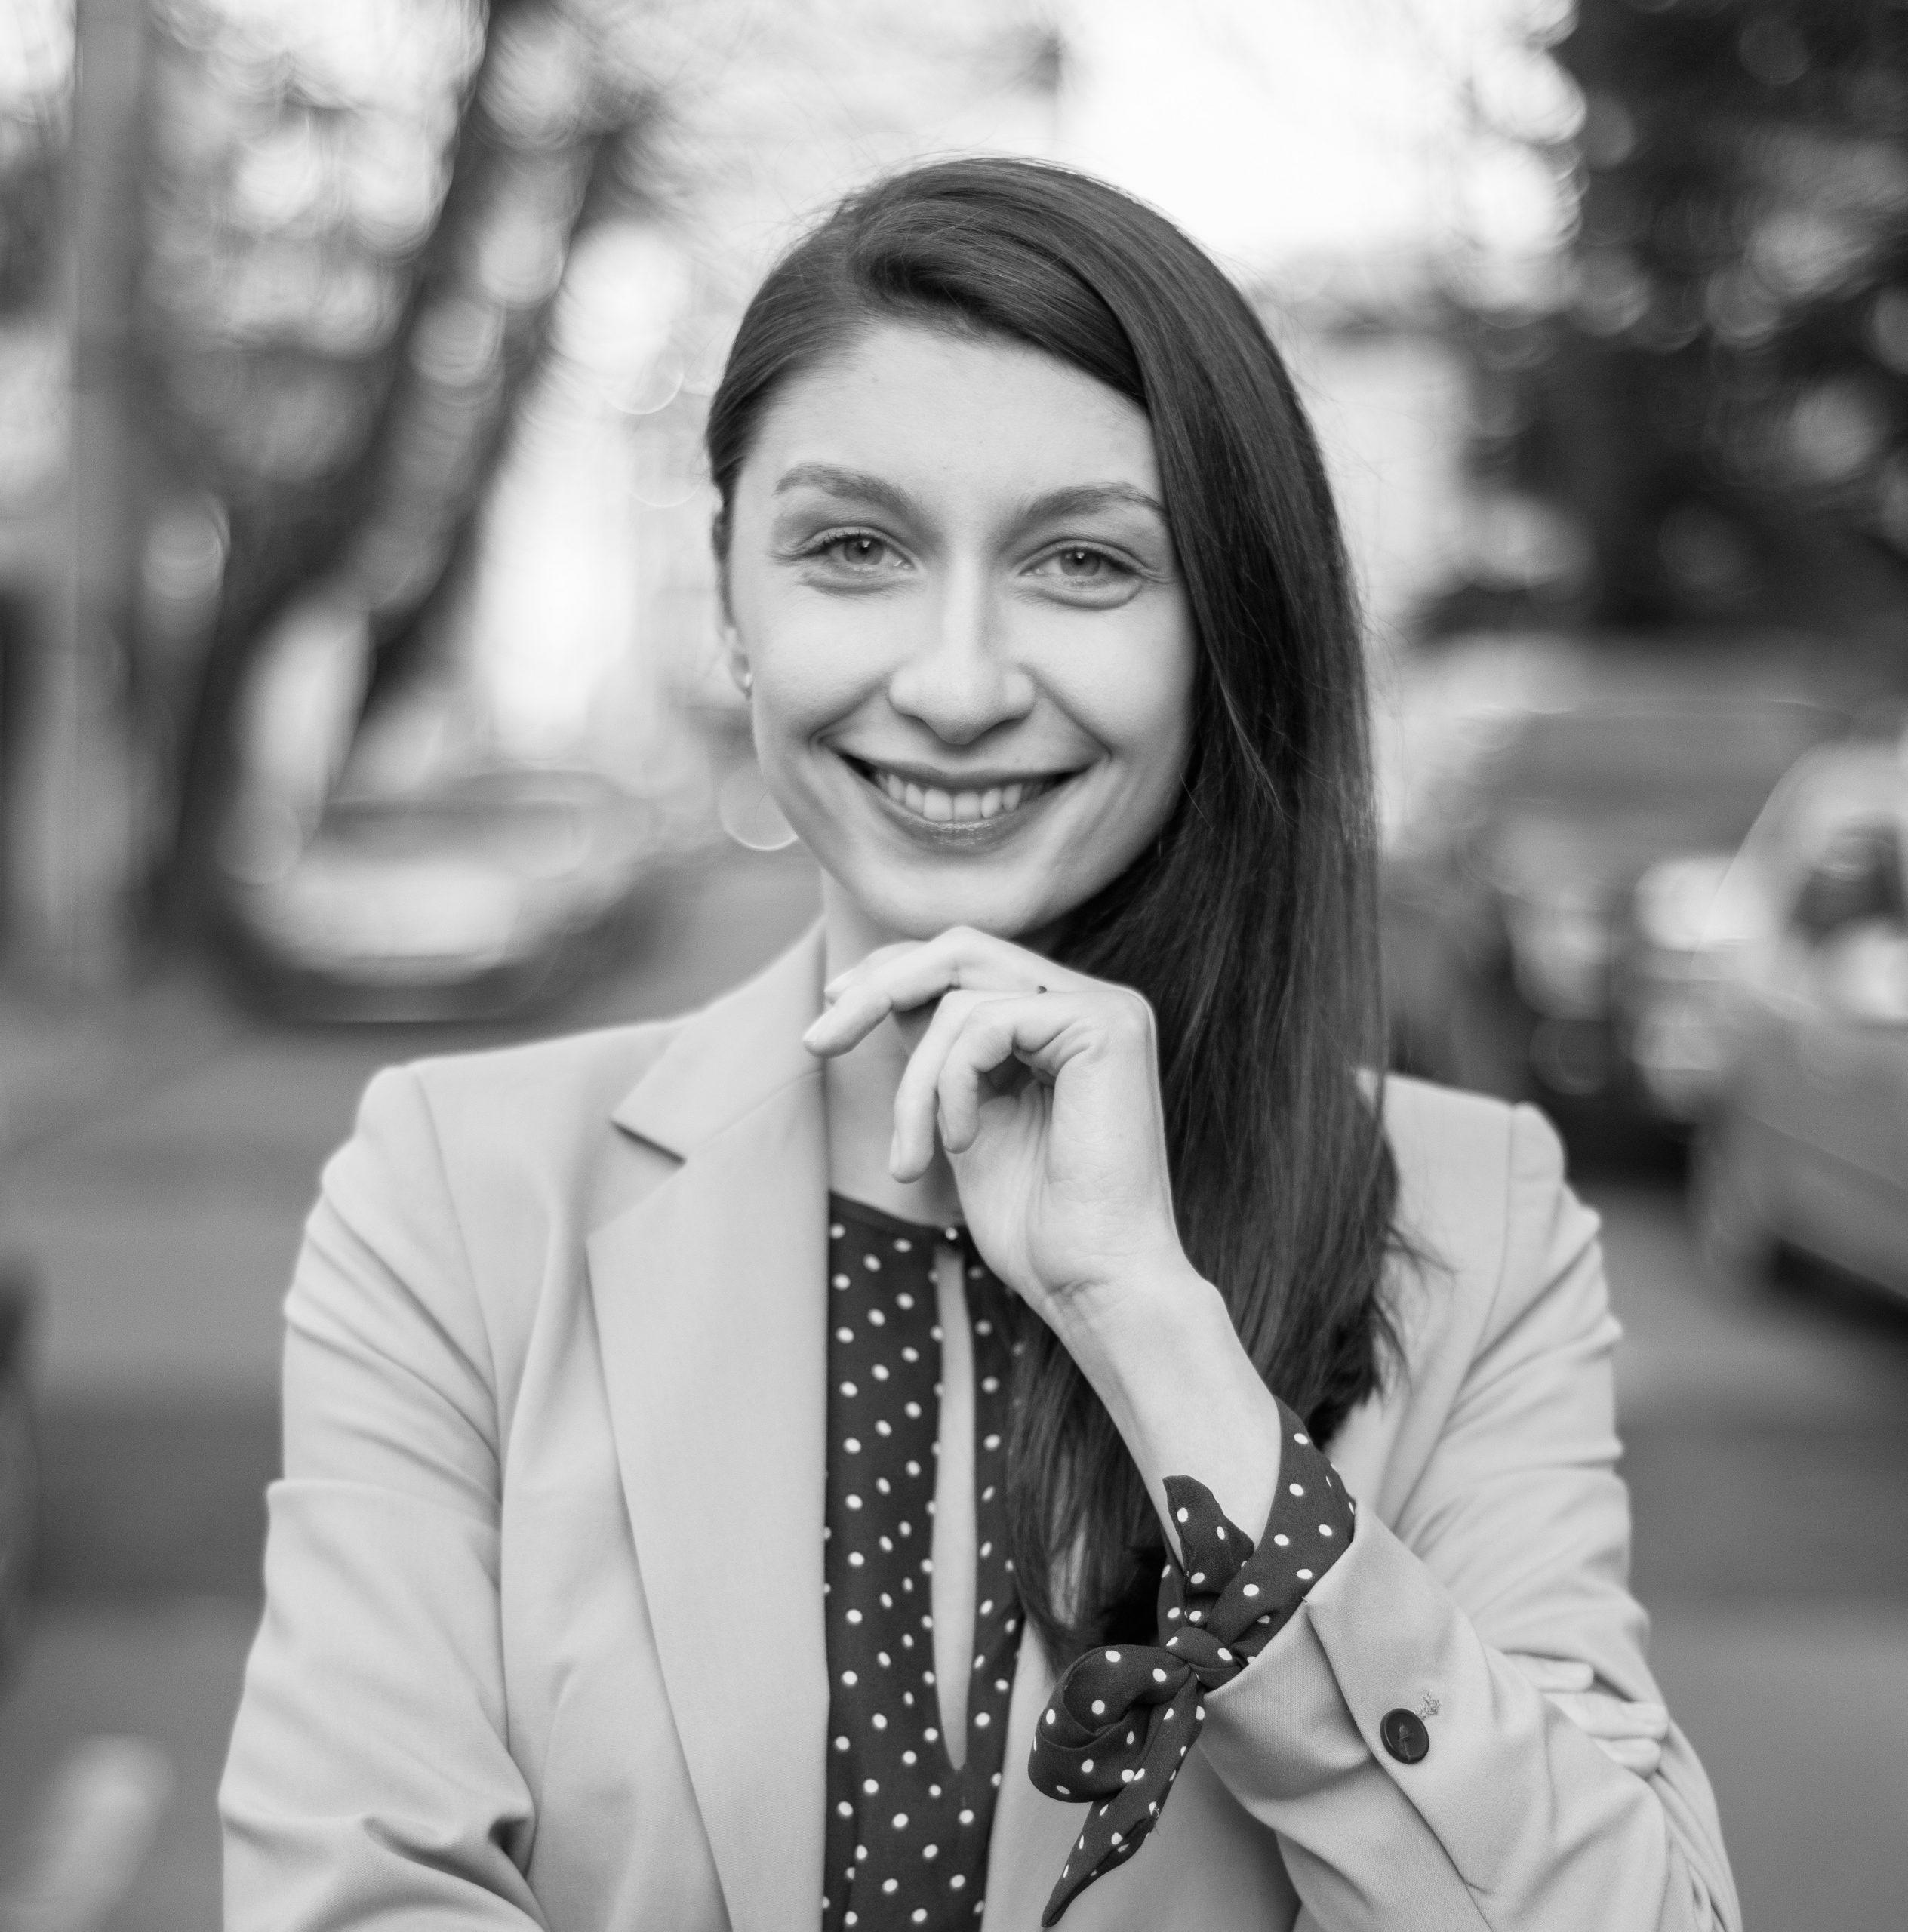 Laura Chiriac